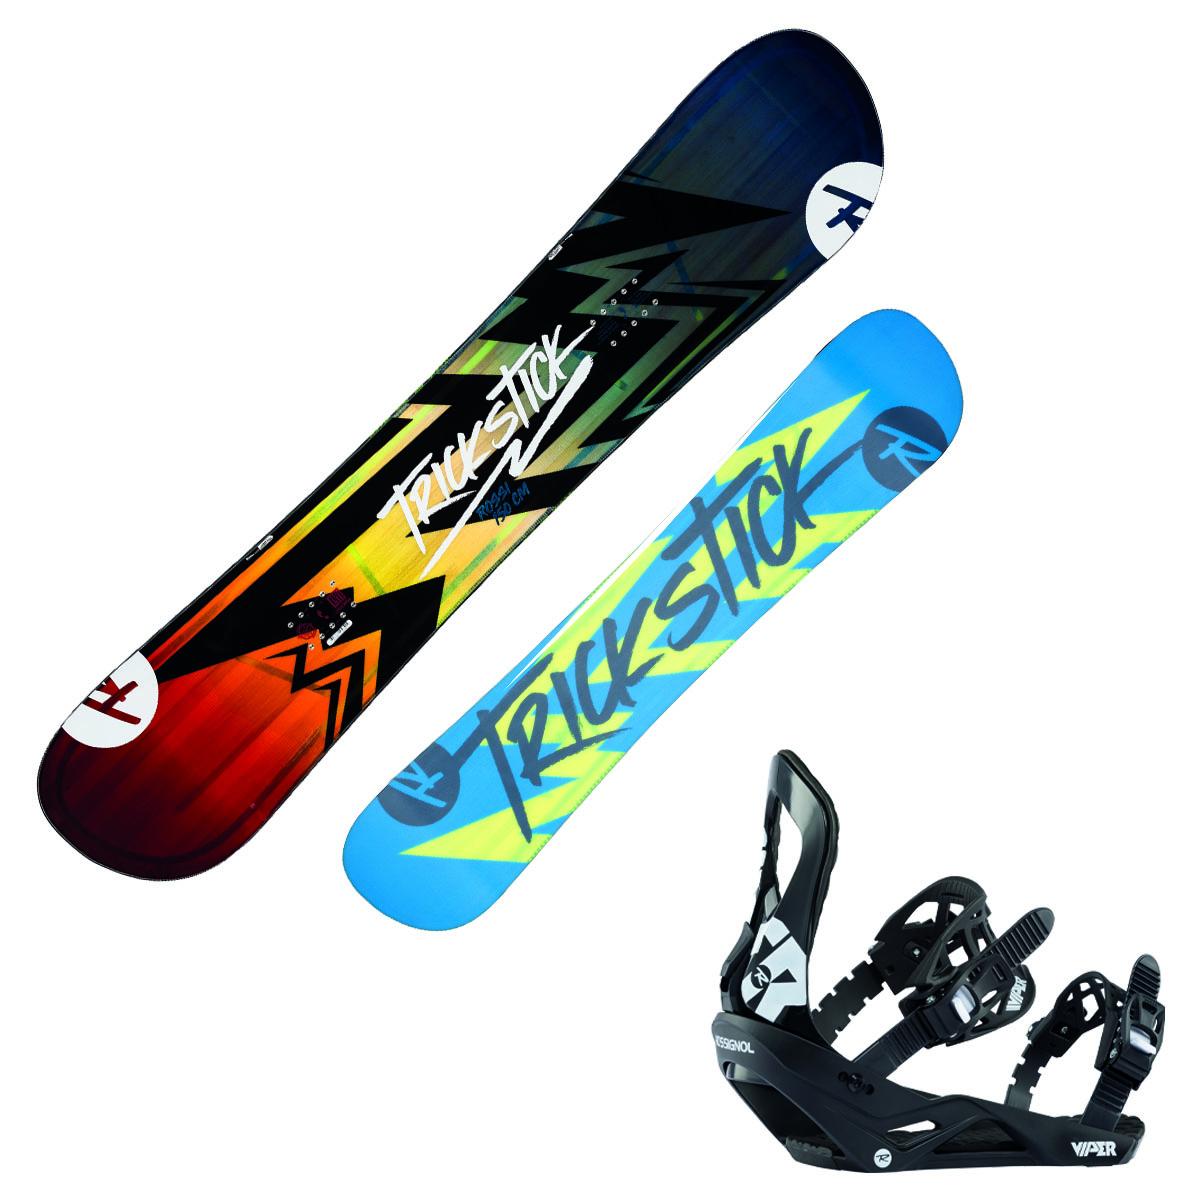 Snowboard Rossignol Trickstick Af Wide + attacchi Viper M/L (Colore: fantasia, Taglia: 162)